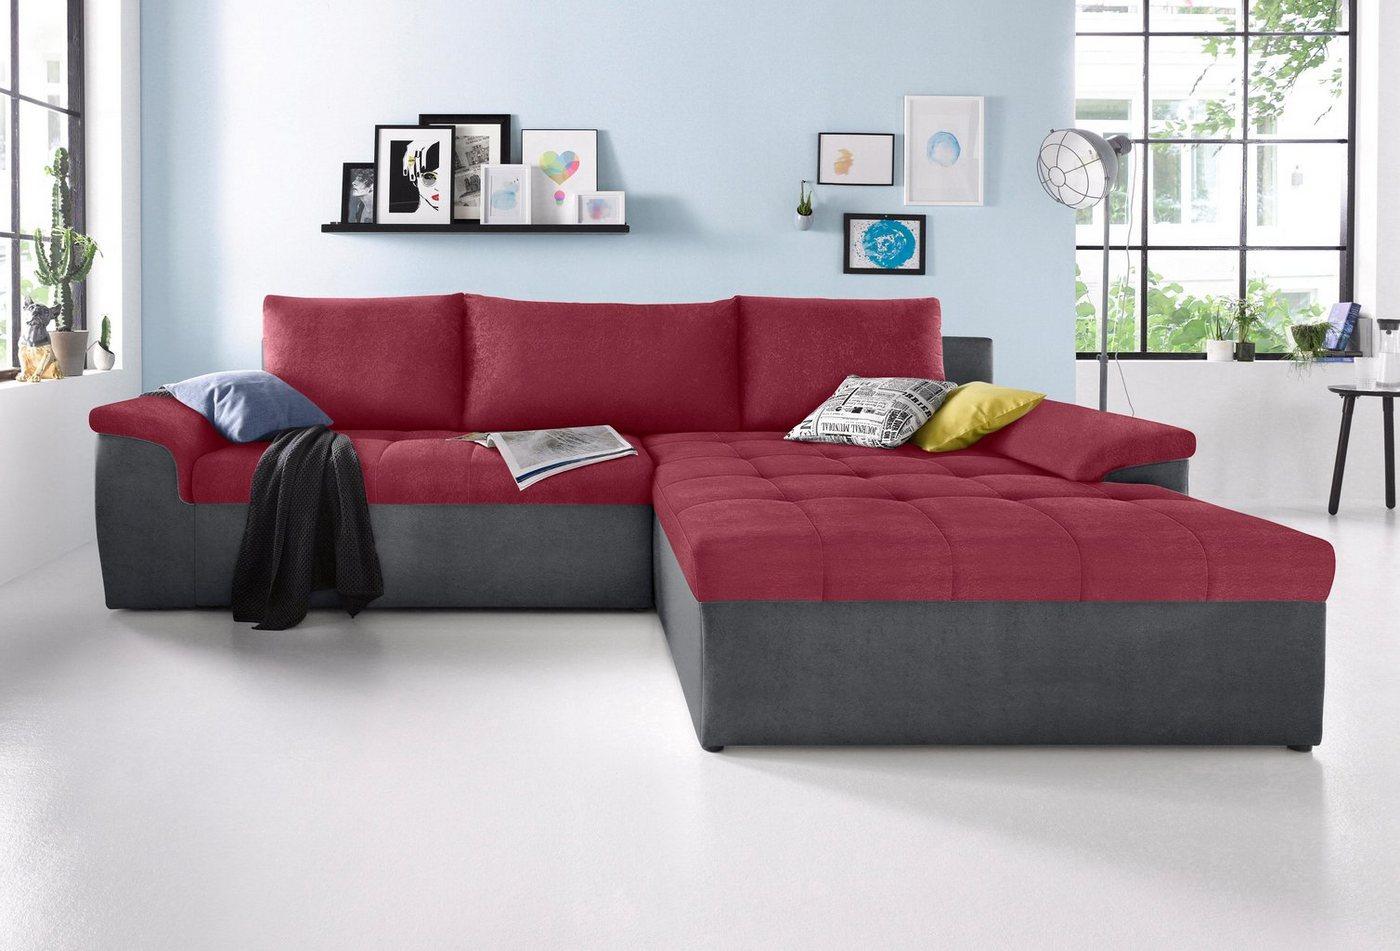 Sit & More hoekbank XXL, naar keuze met slaapfunctie